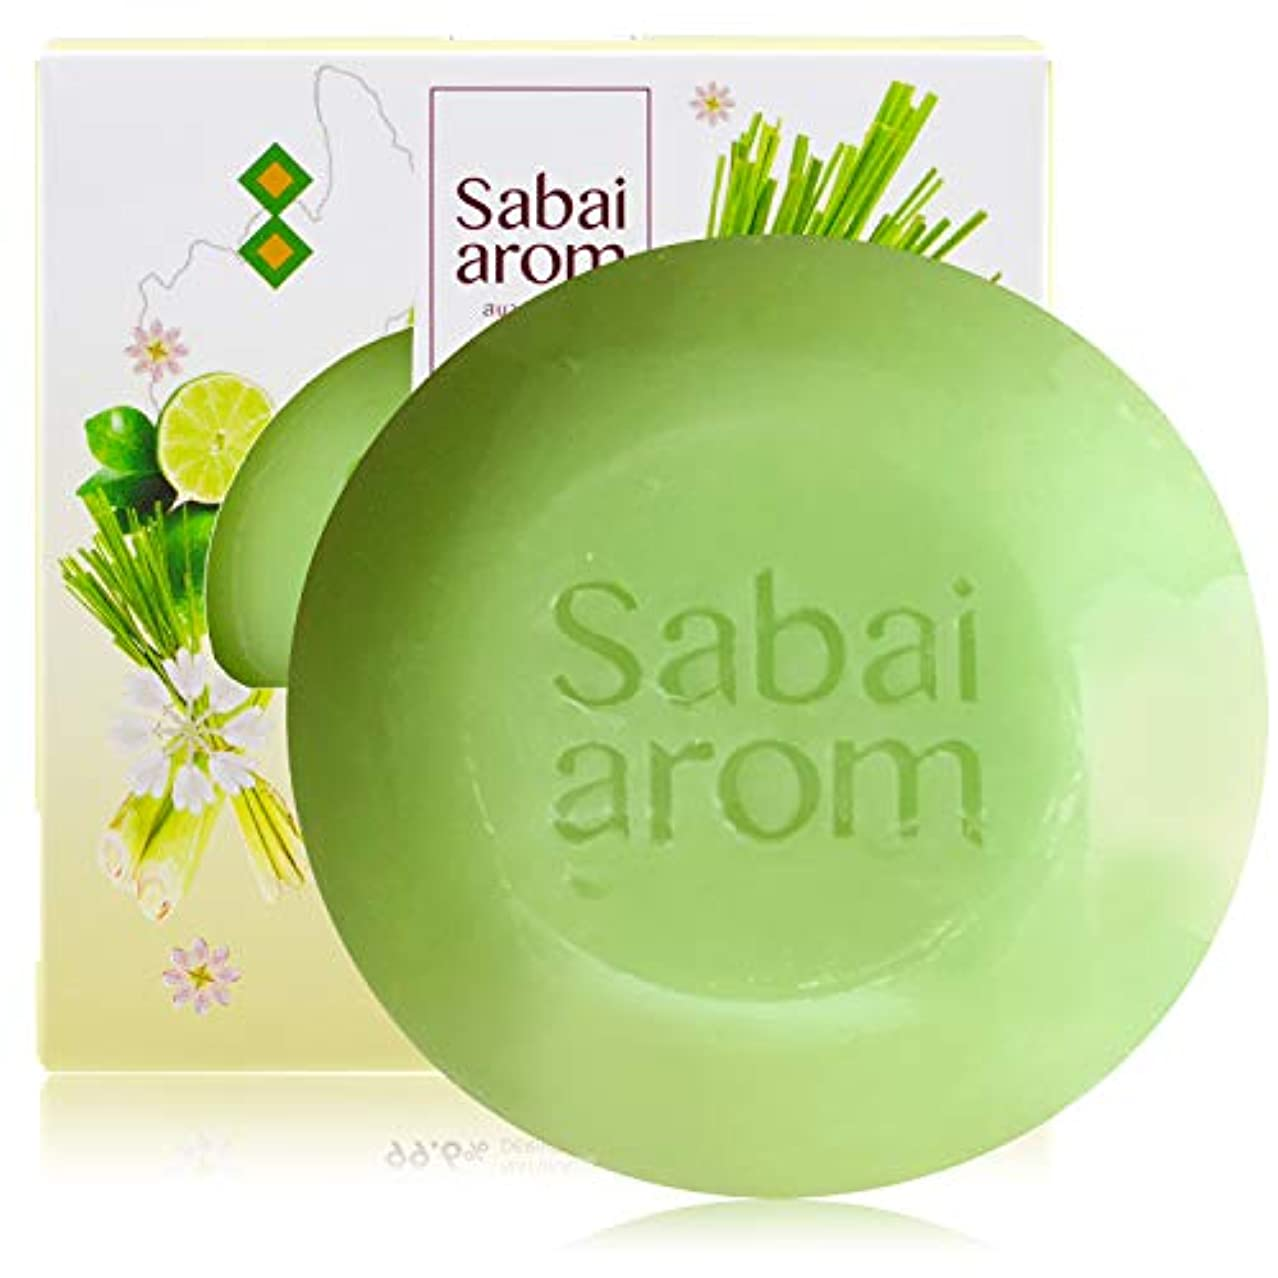 昇る今日しなければならないサバイアロム(Sabai-arom) レモングラス フェイス&ボディソープバー (石鹸) 100g【LMG】【001】